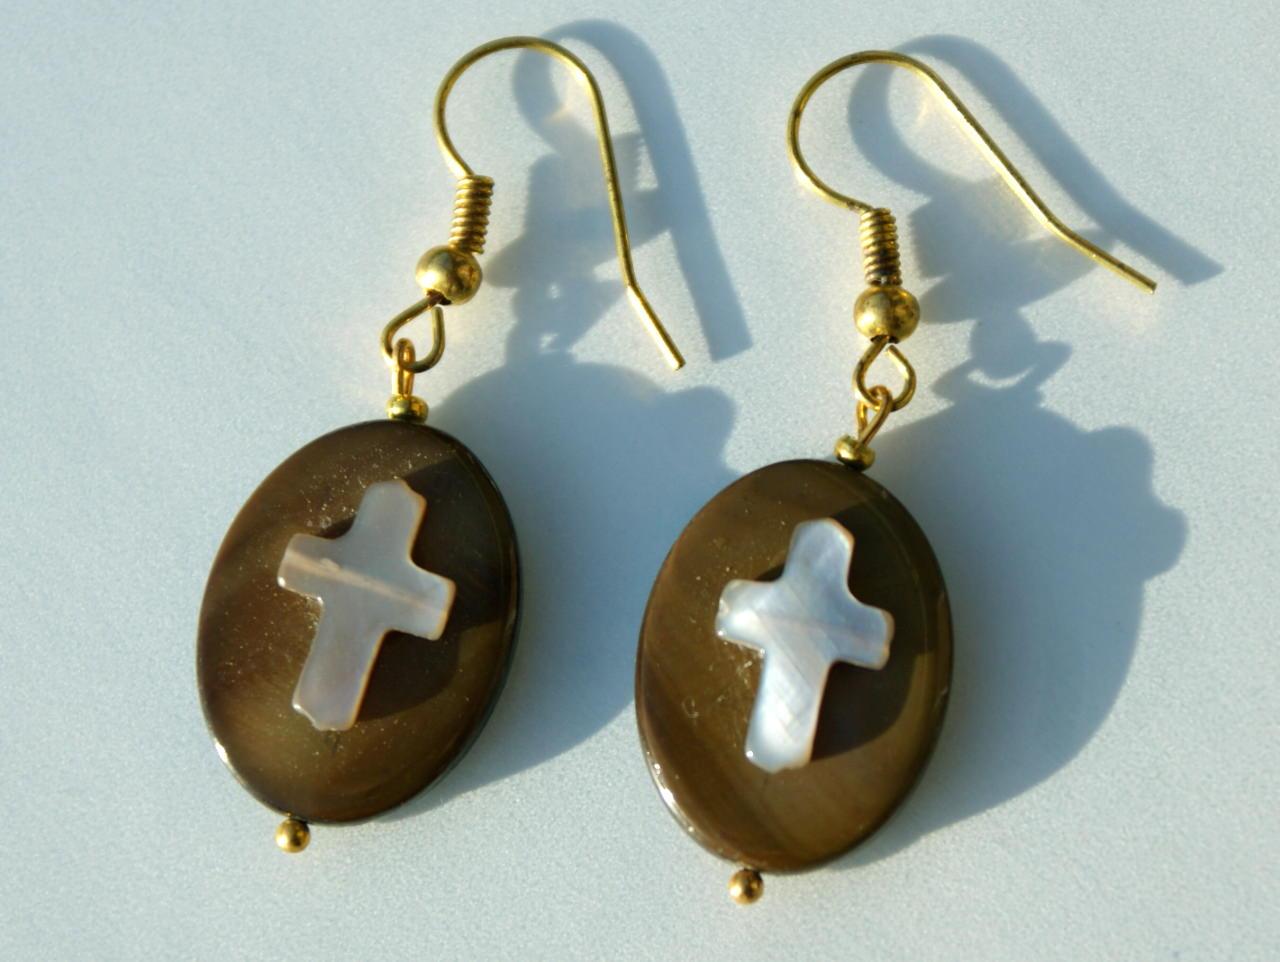 - Ohrhänger Perlmutt mit Kreuz - Ohrhänger Perlmutt mit Kreuz